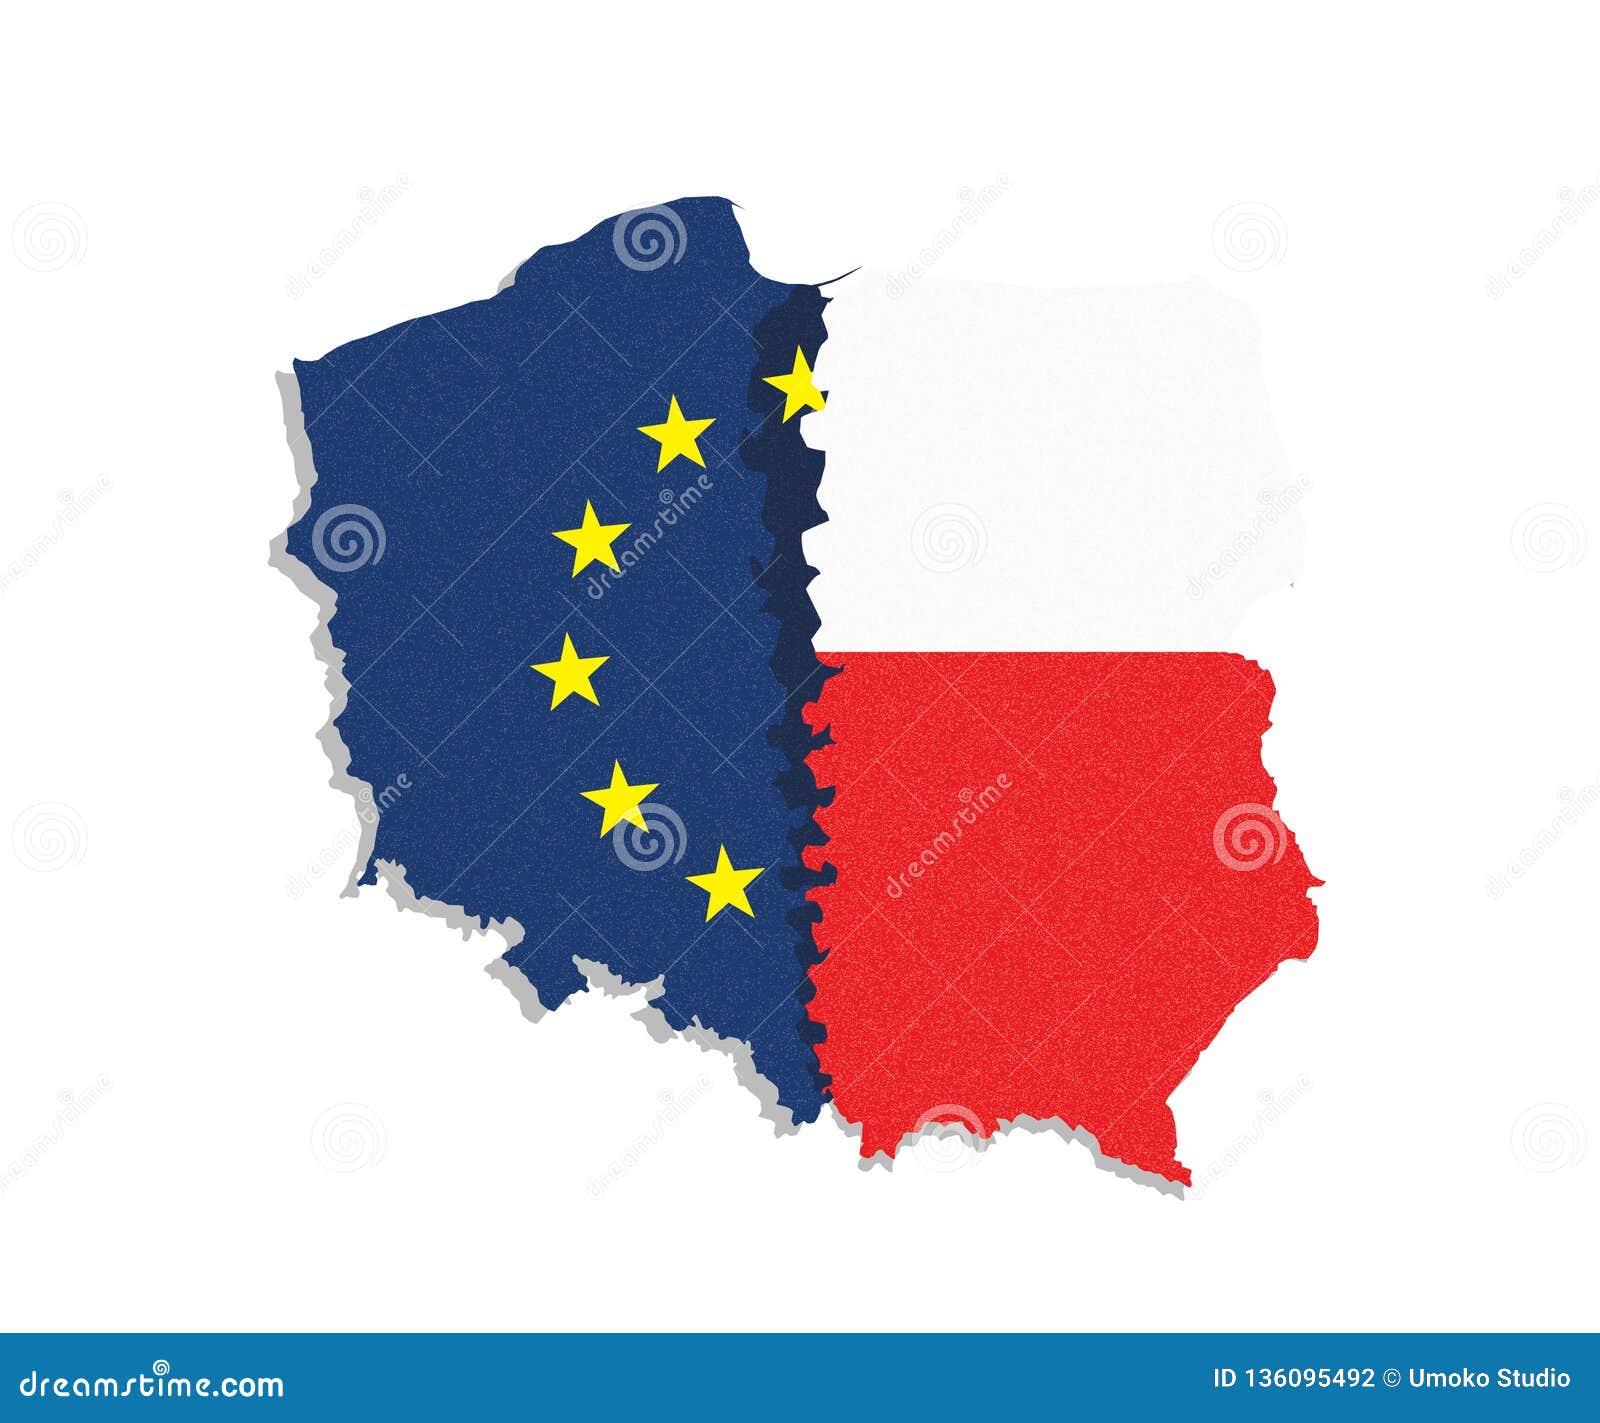 Polexit Översikten /flag av Polen och europeisk union/EU avskilde från eatch annan